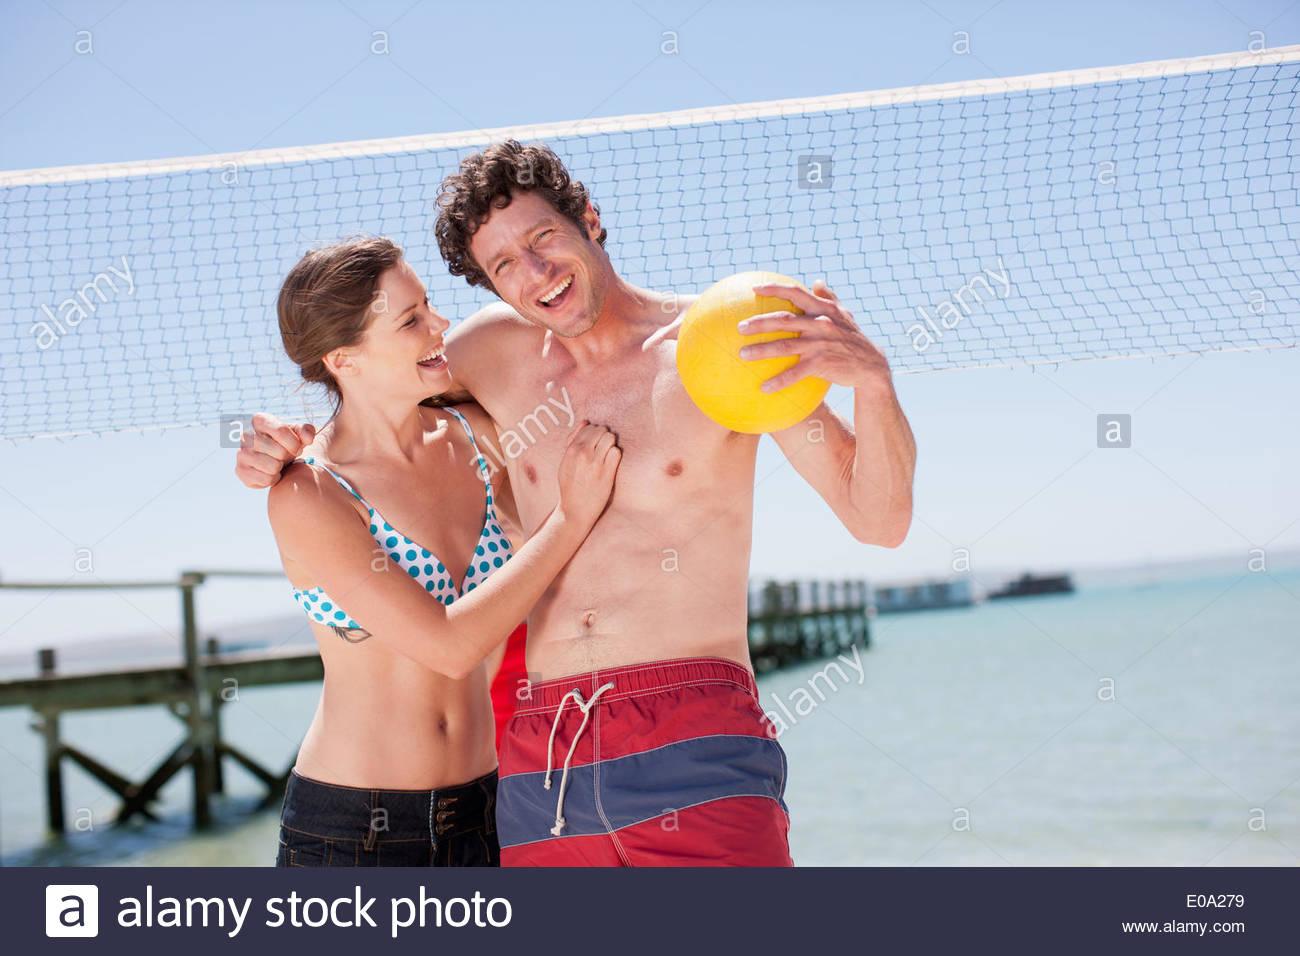 Amici giocando a pallavolo sulla spiaggia Immagini Stock